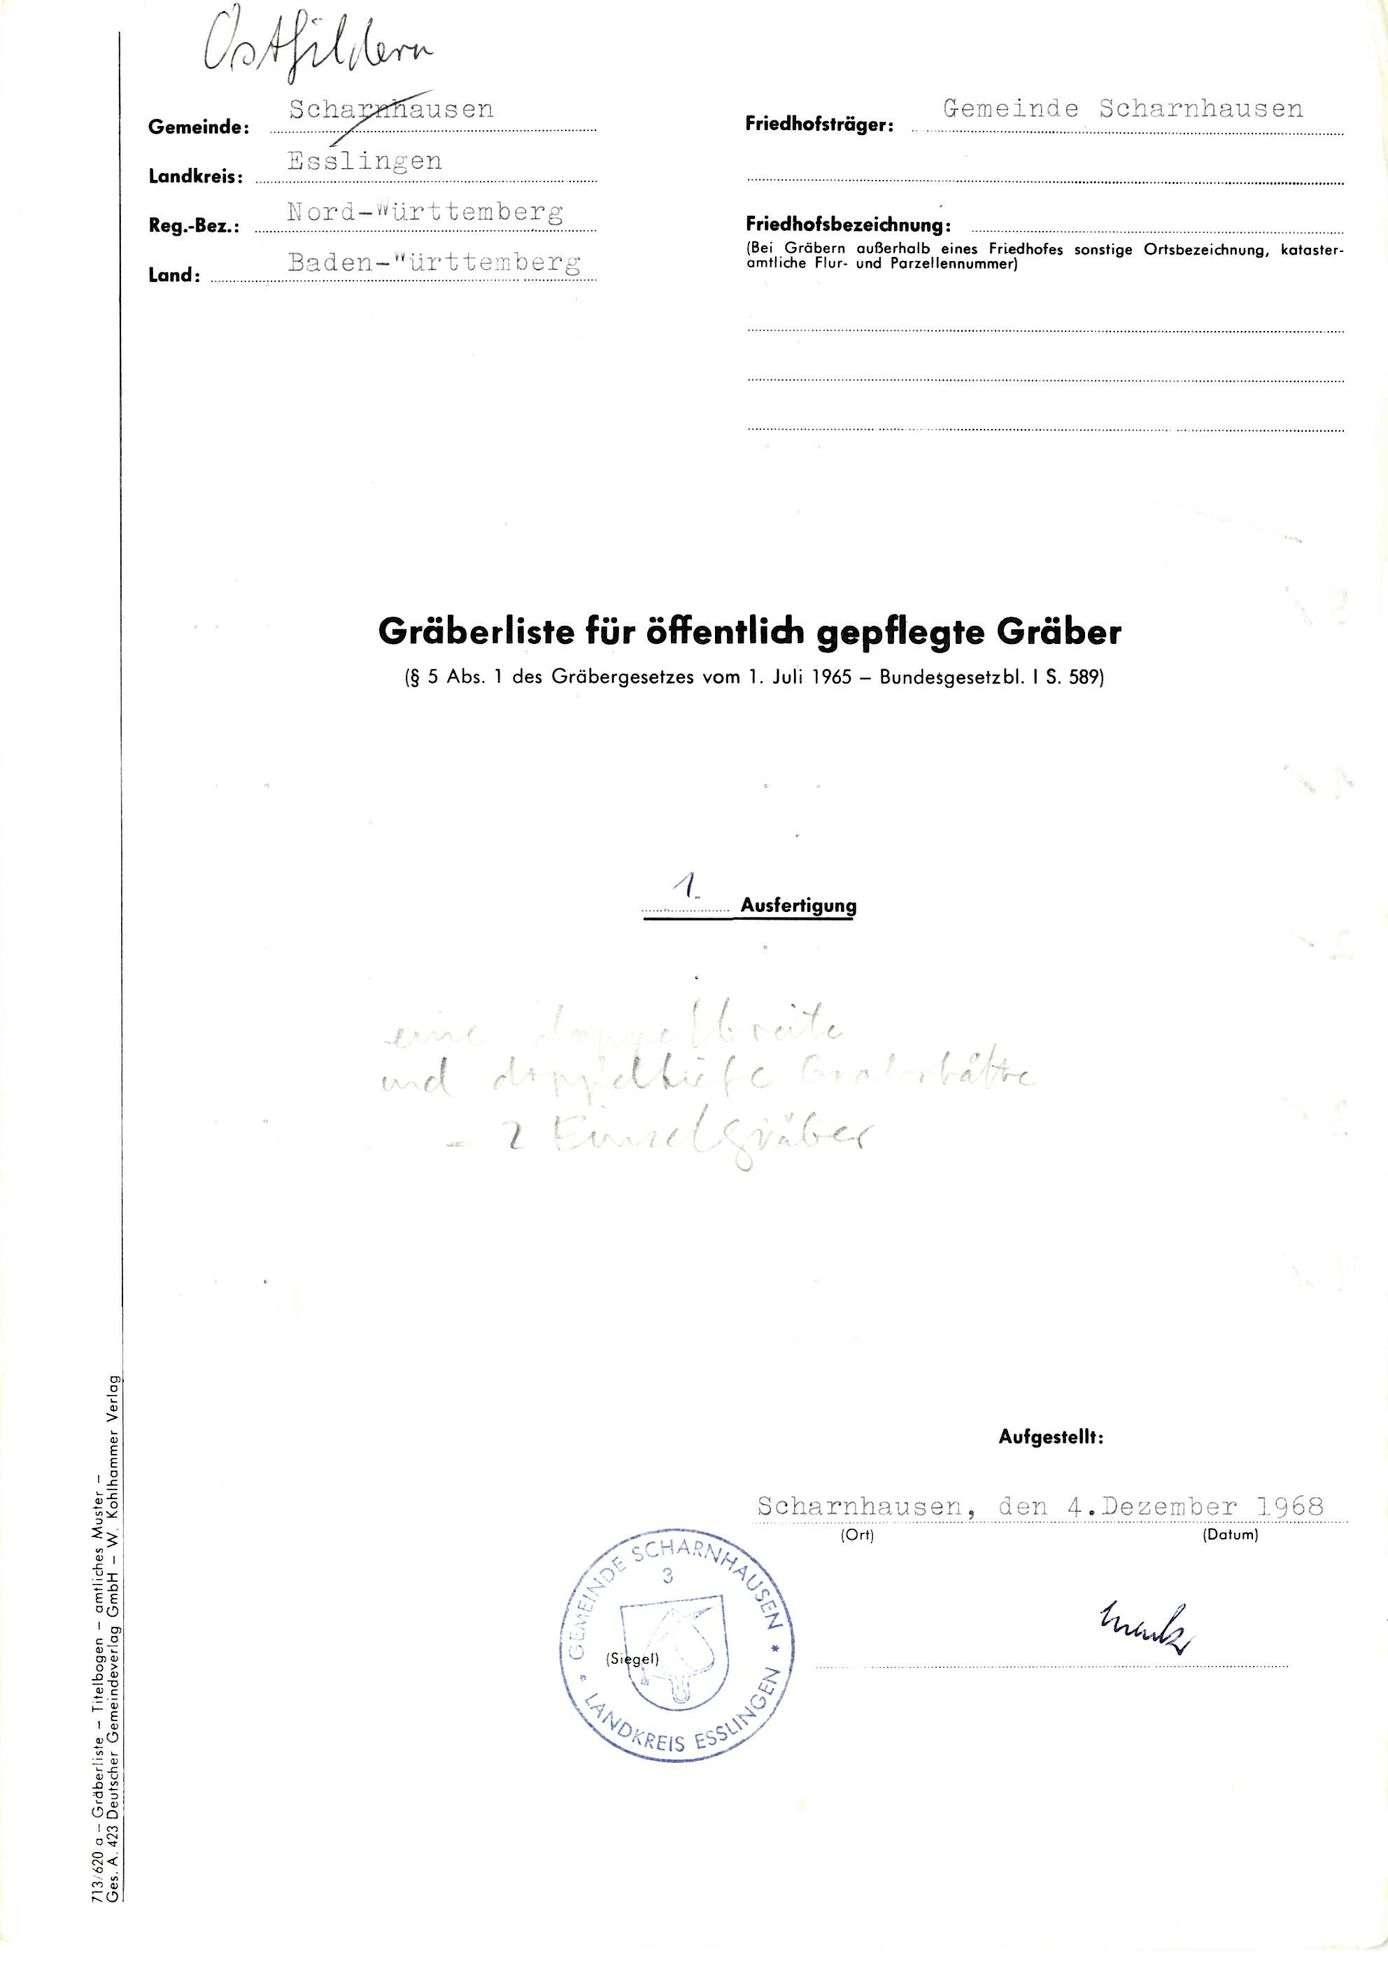 Scharnhausen, Bild 1